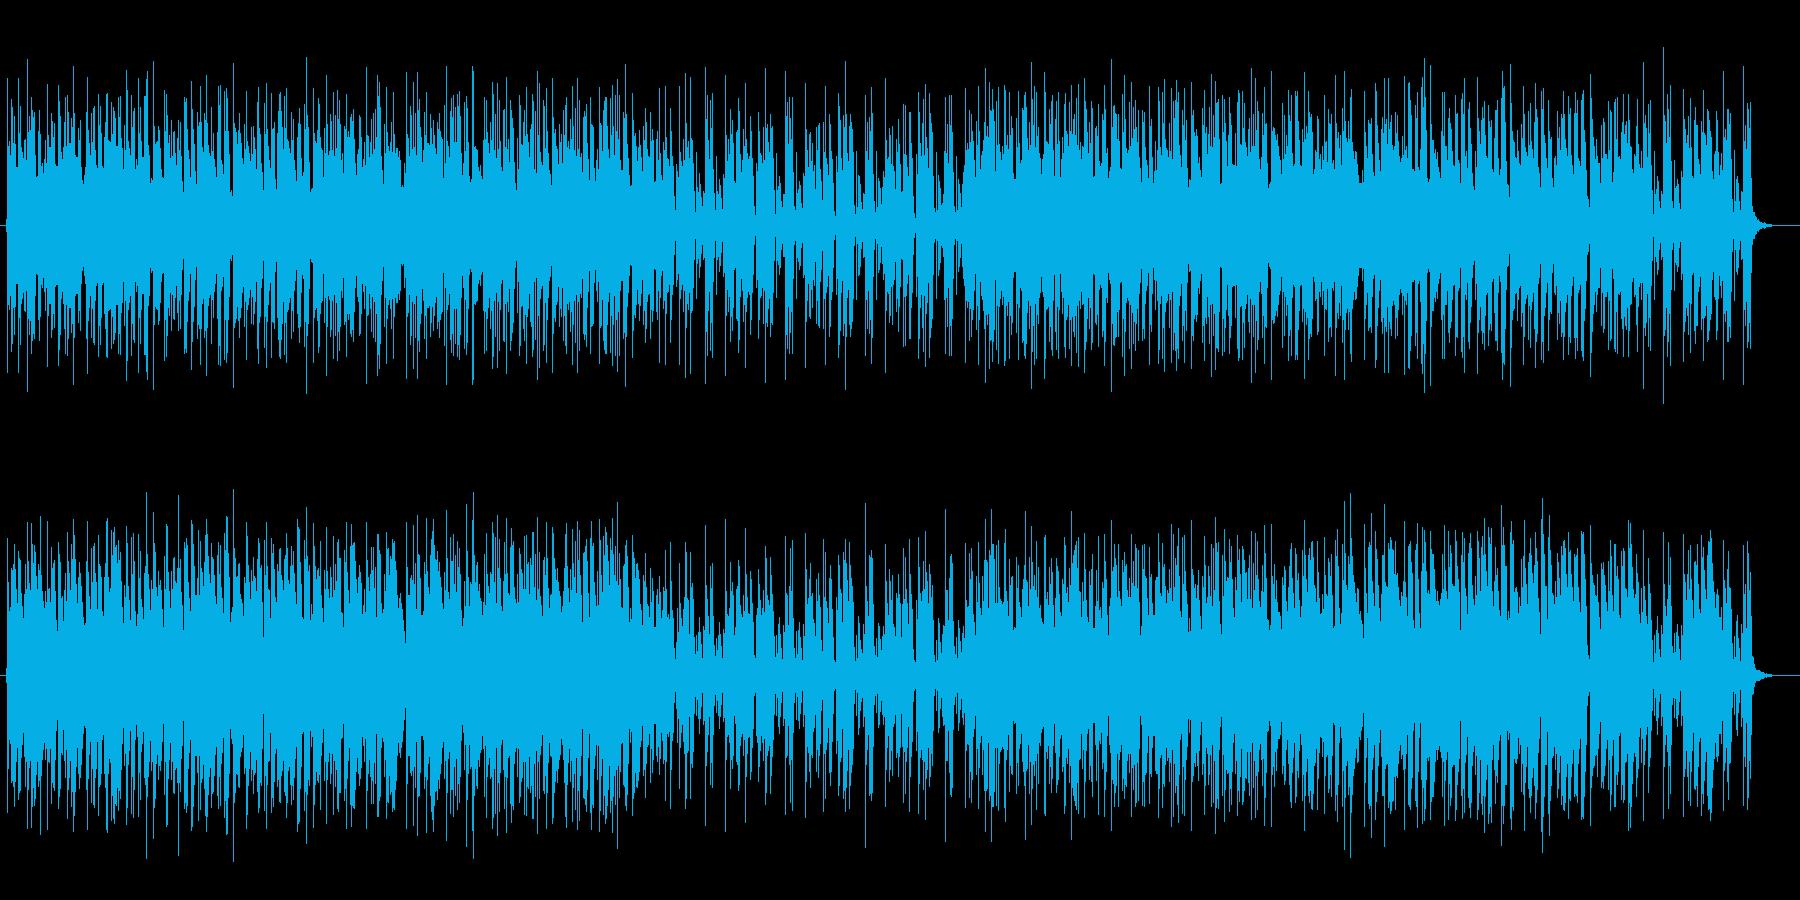 リズミカルで軽やかなミュージックの再生済みの波形